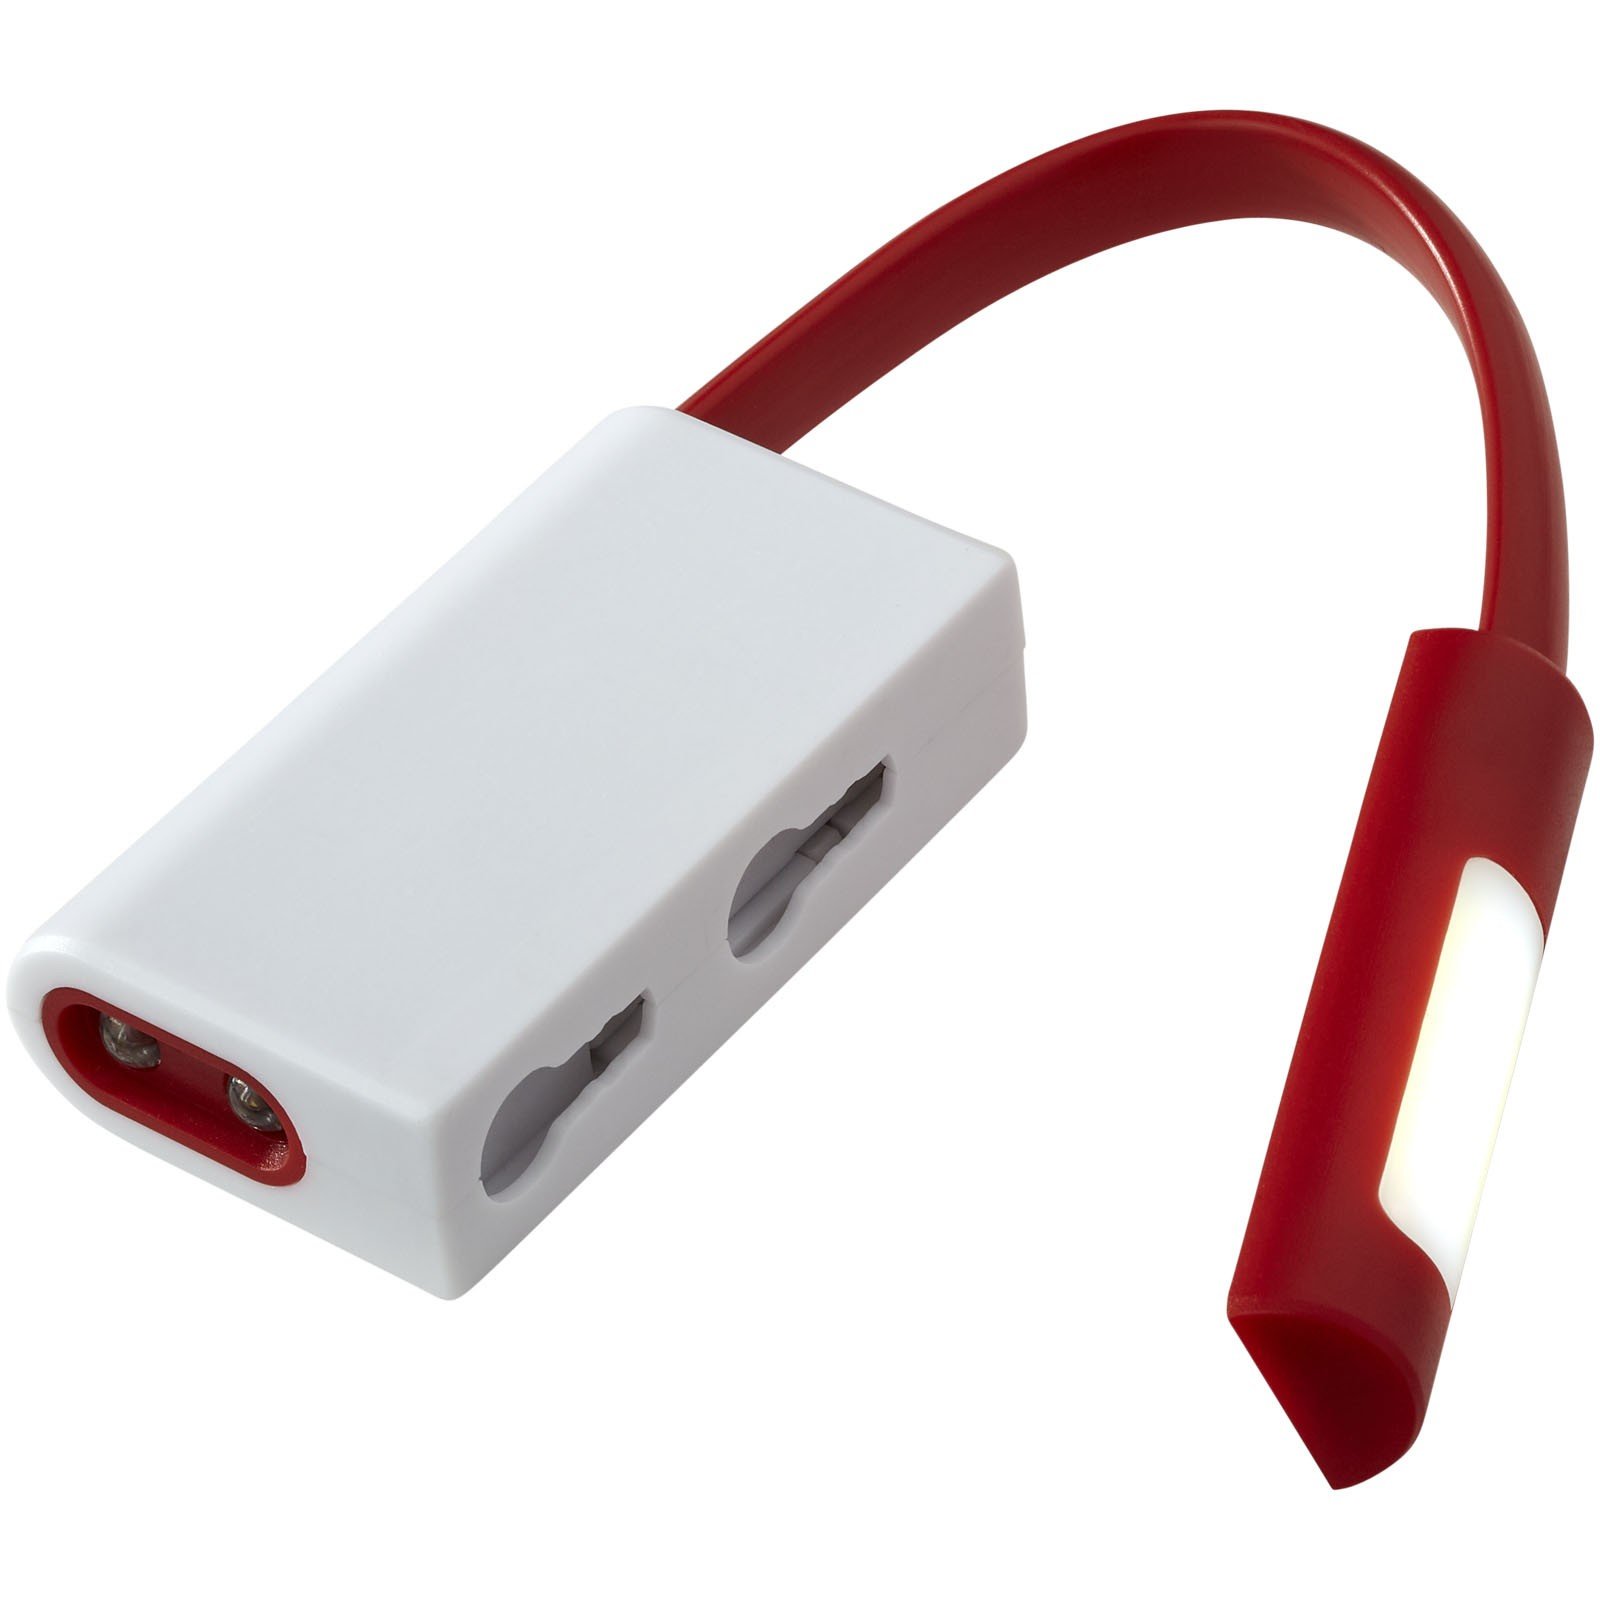 COB a LED svítilna Libra - Červená s efektem námrazy / Bílá